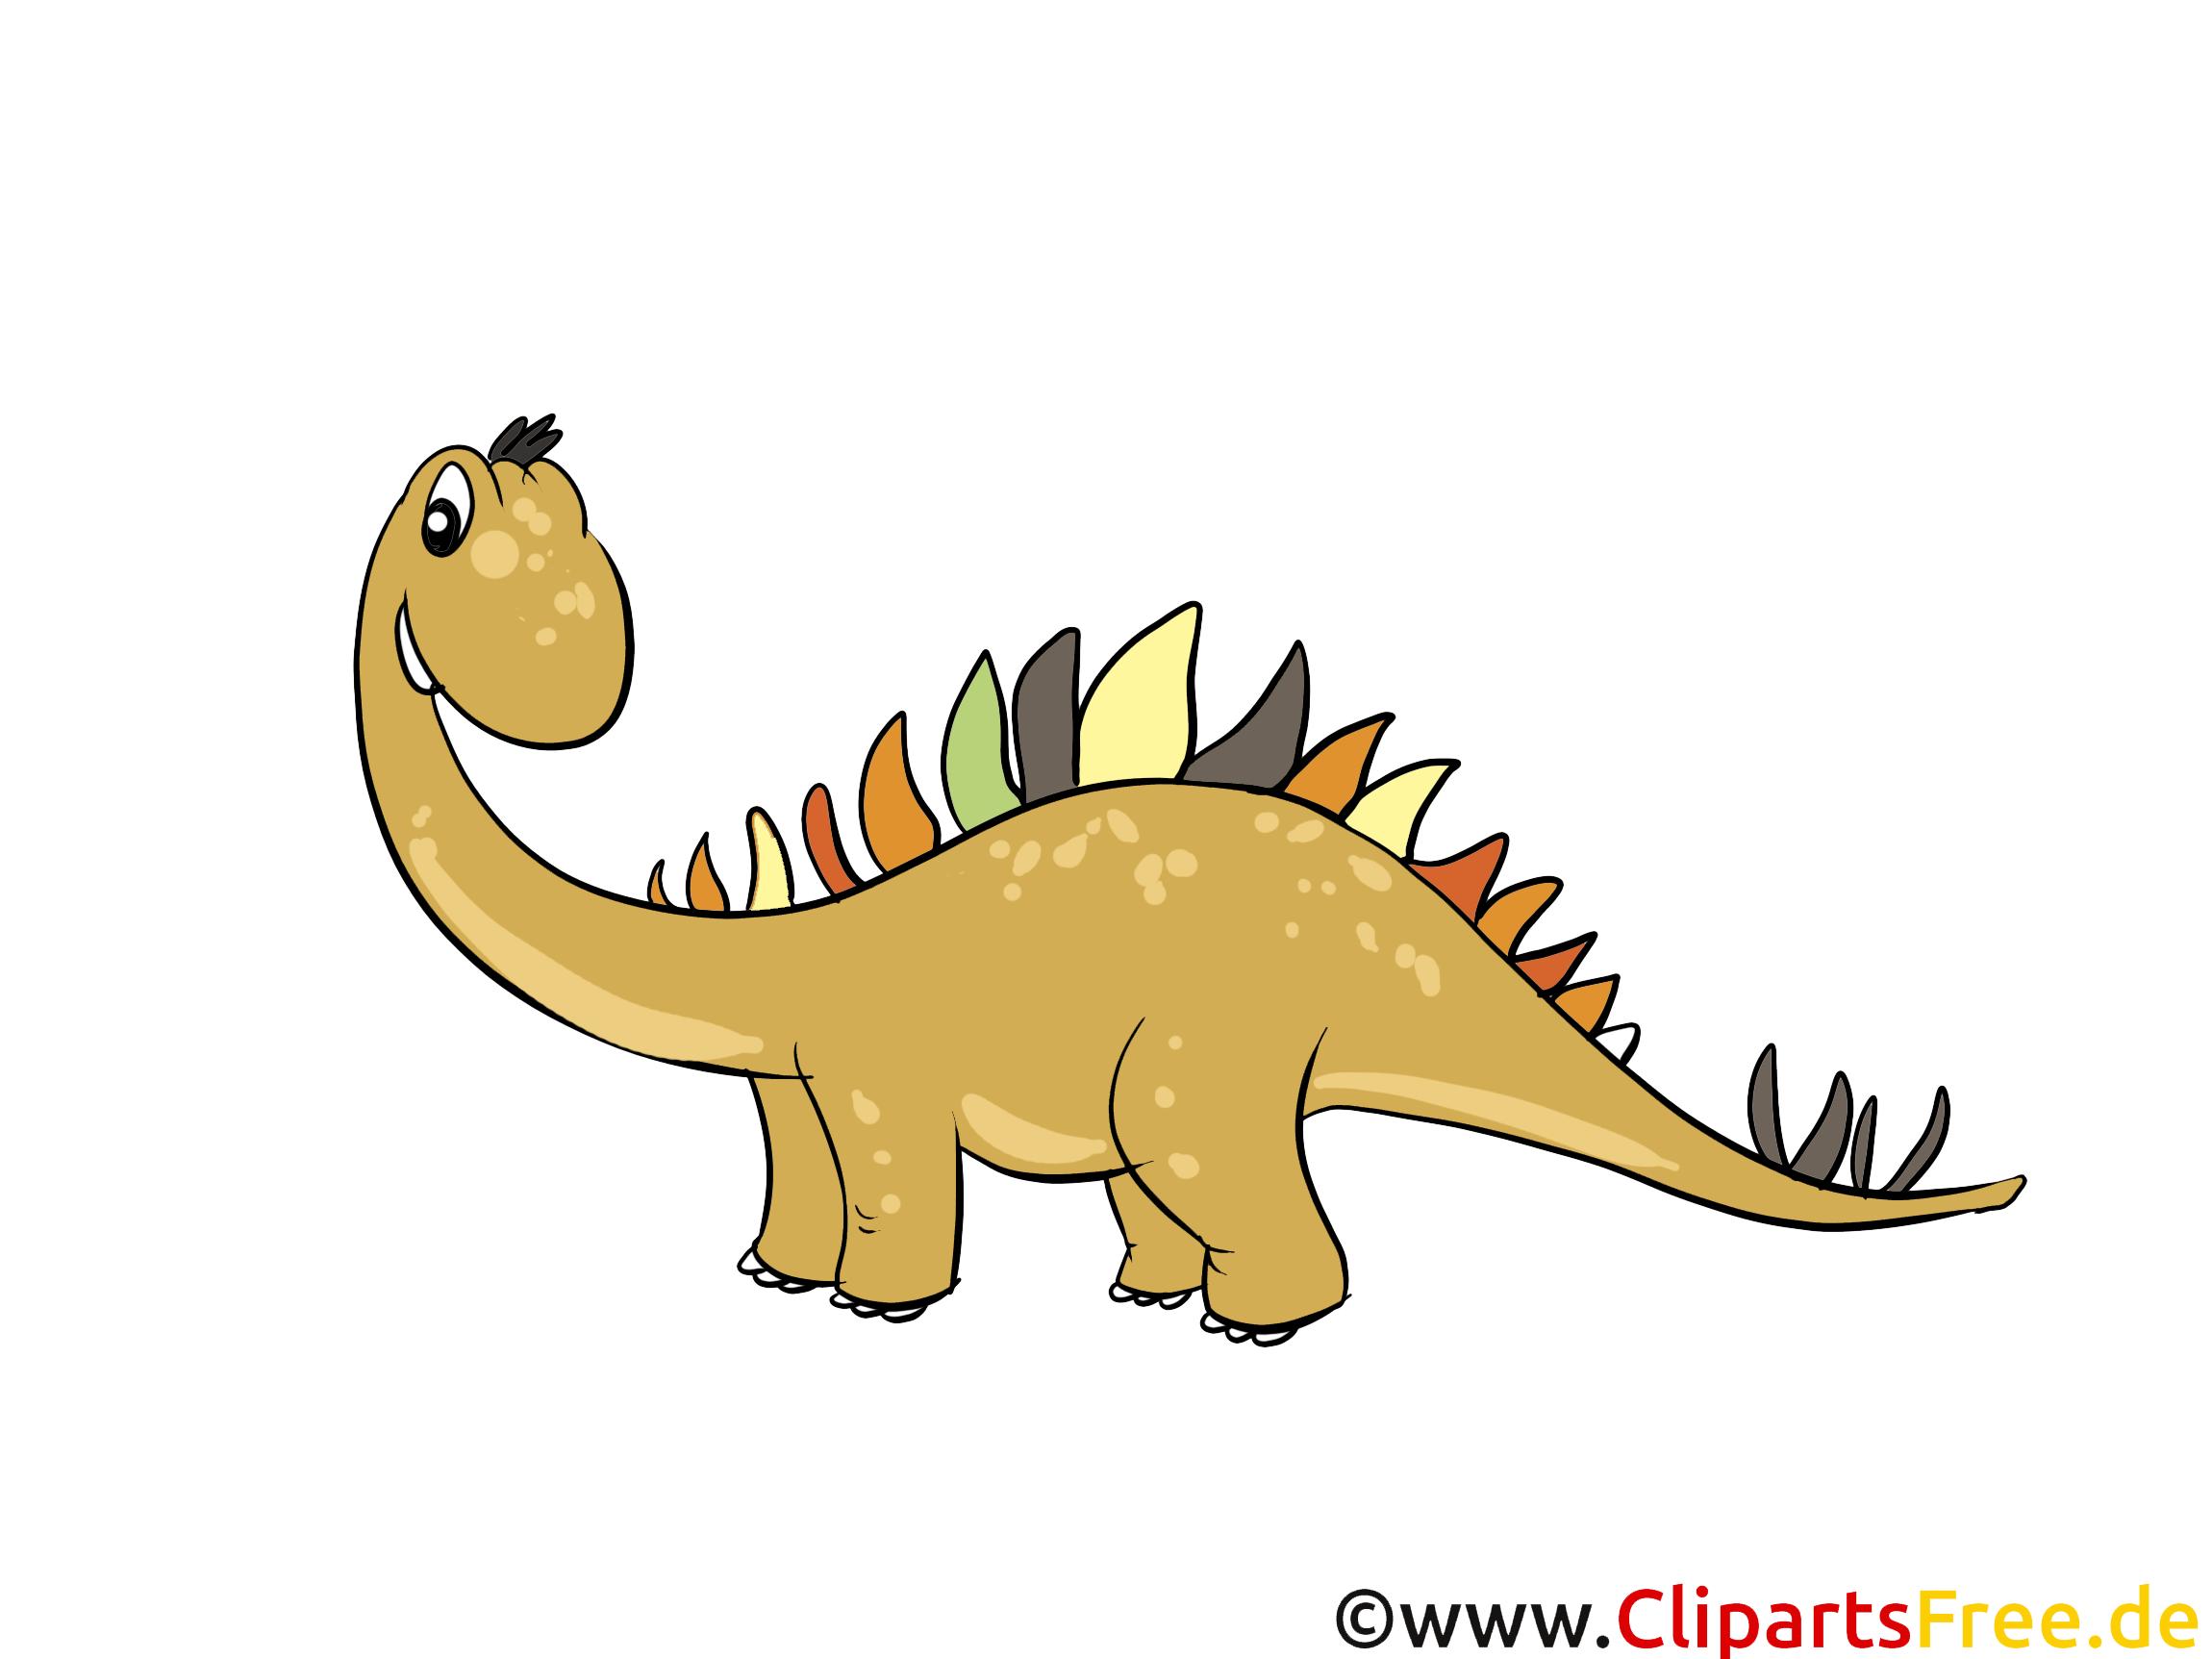 Tuojiangosaurus Vogelbecken-Dinosaurier Bild - Dinosaurierarten Bilder